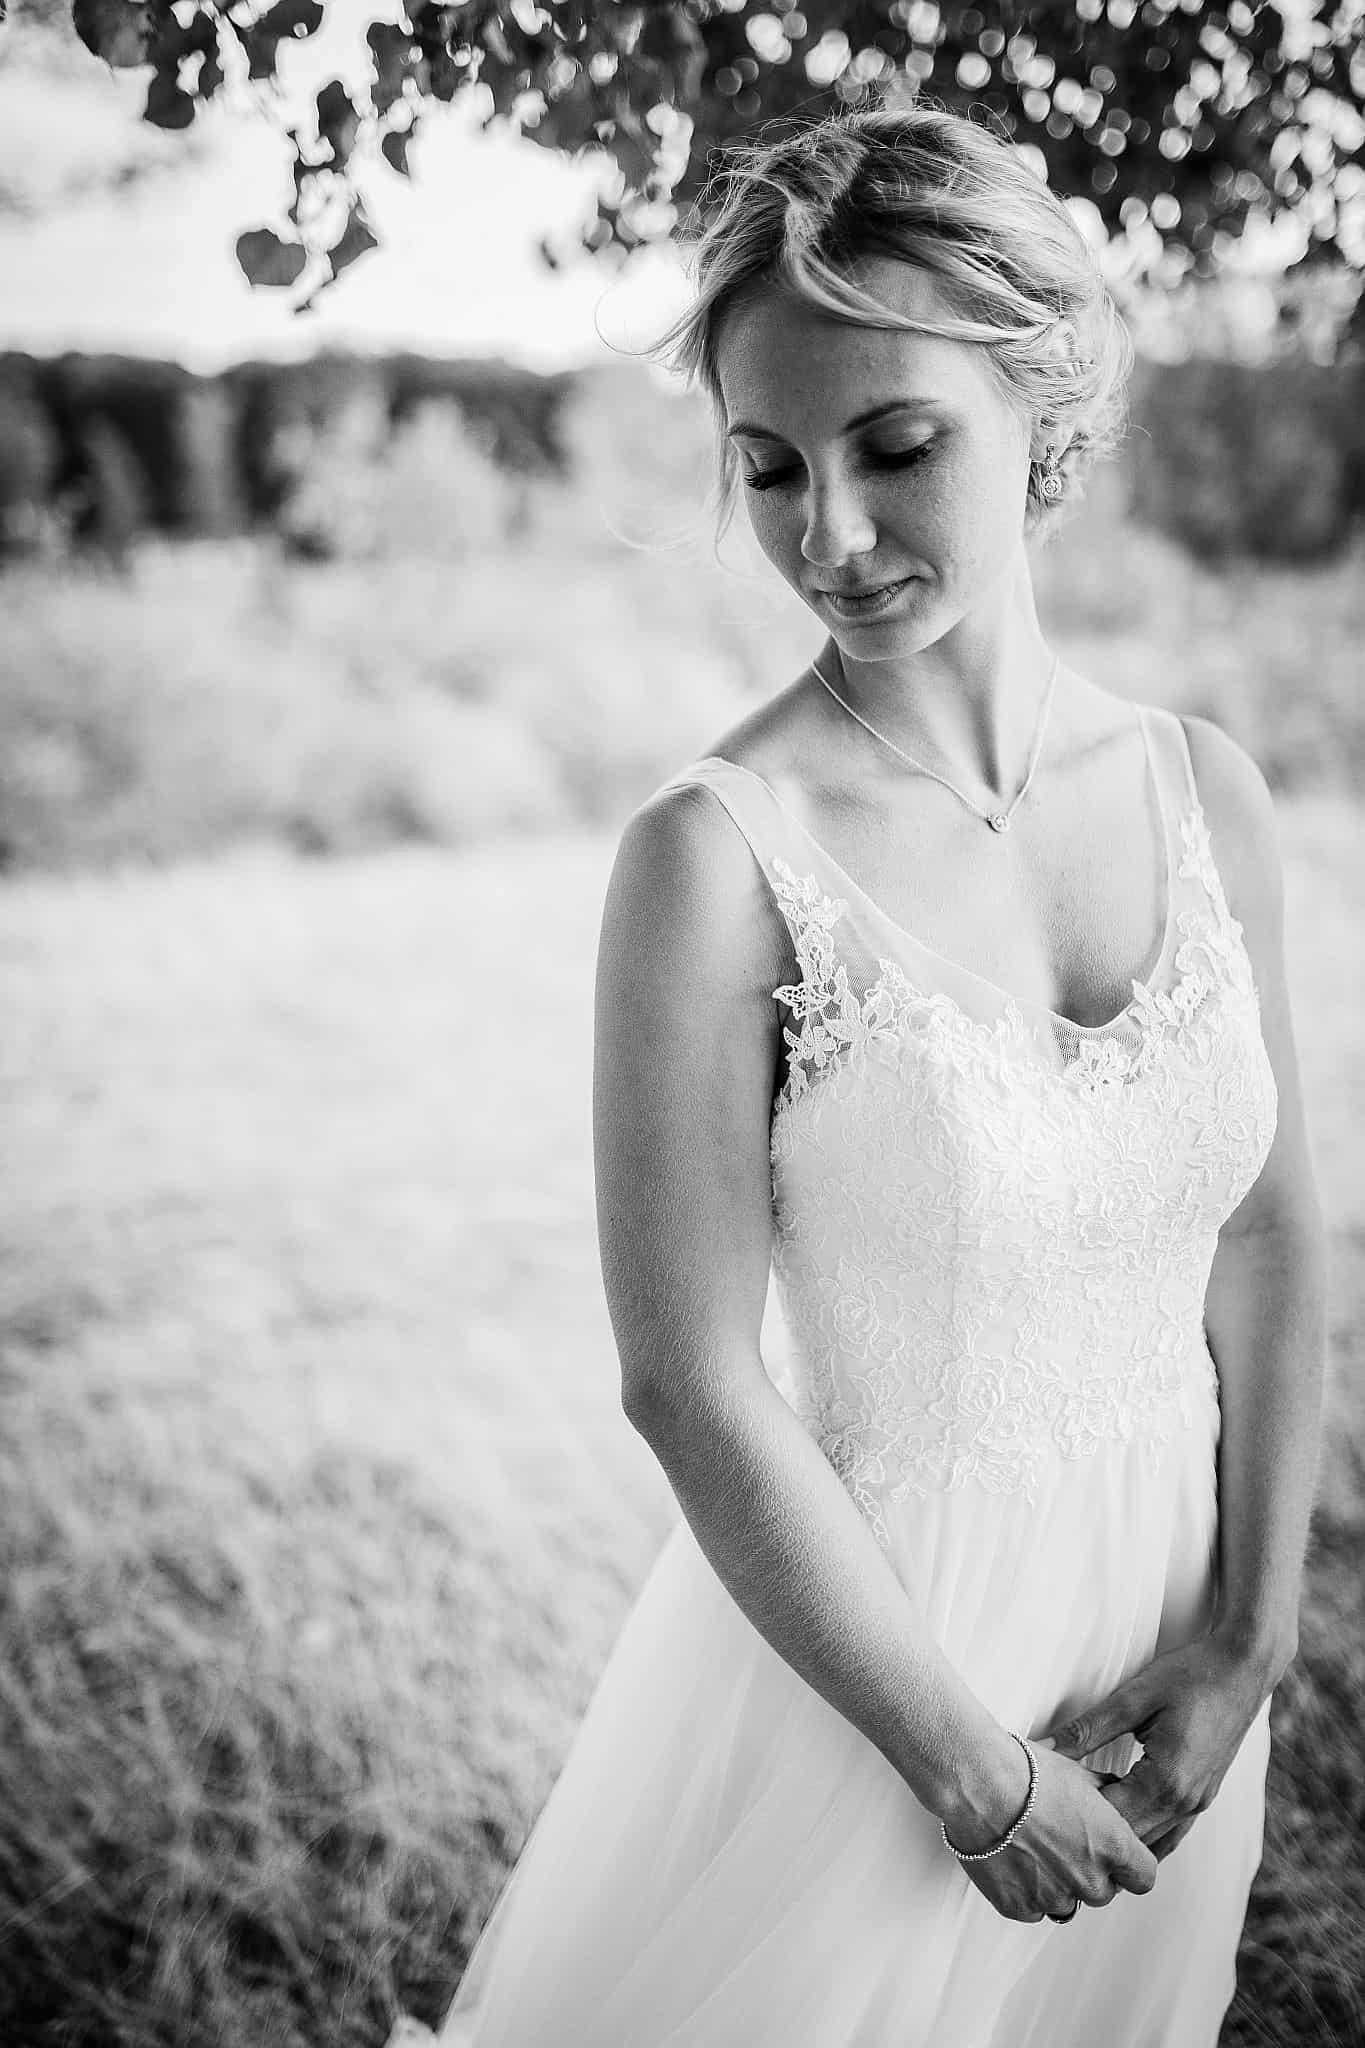 Einzelprotrait der Braut